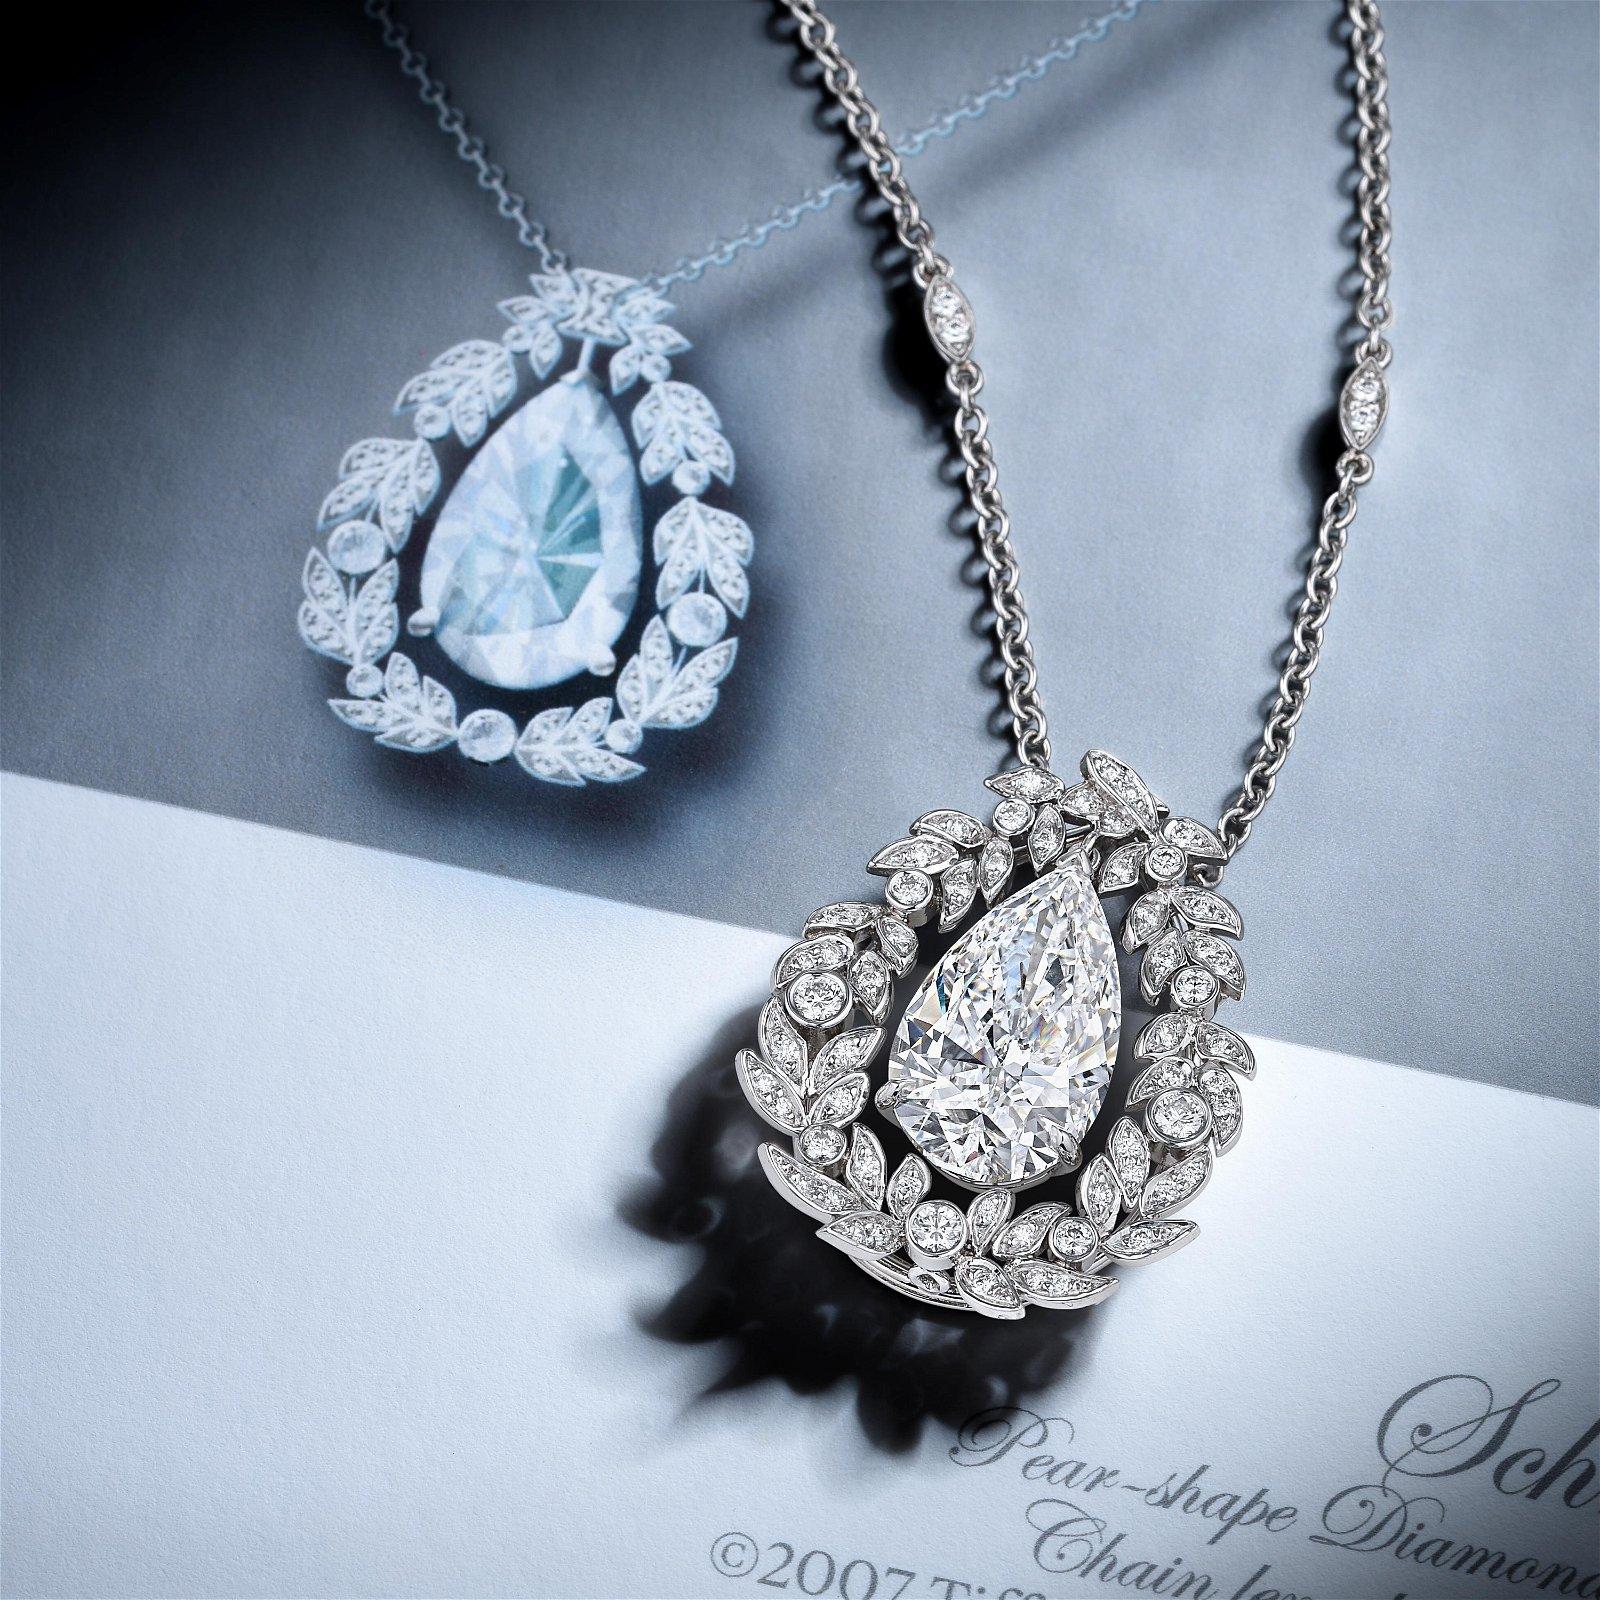 Tiffany & Co. 3.96-Carat Pear-Shaped Diamond Necklace